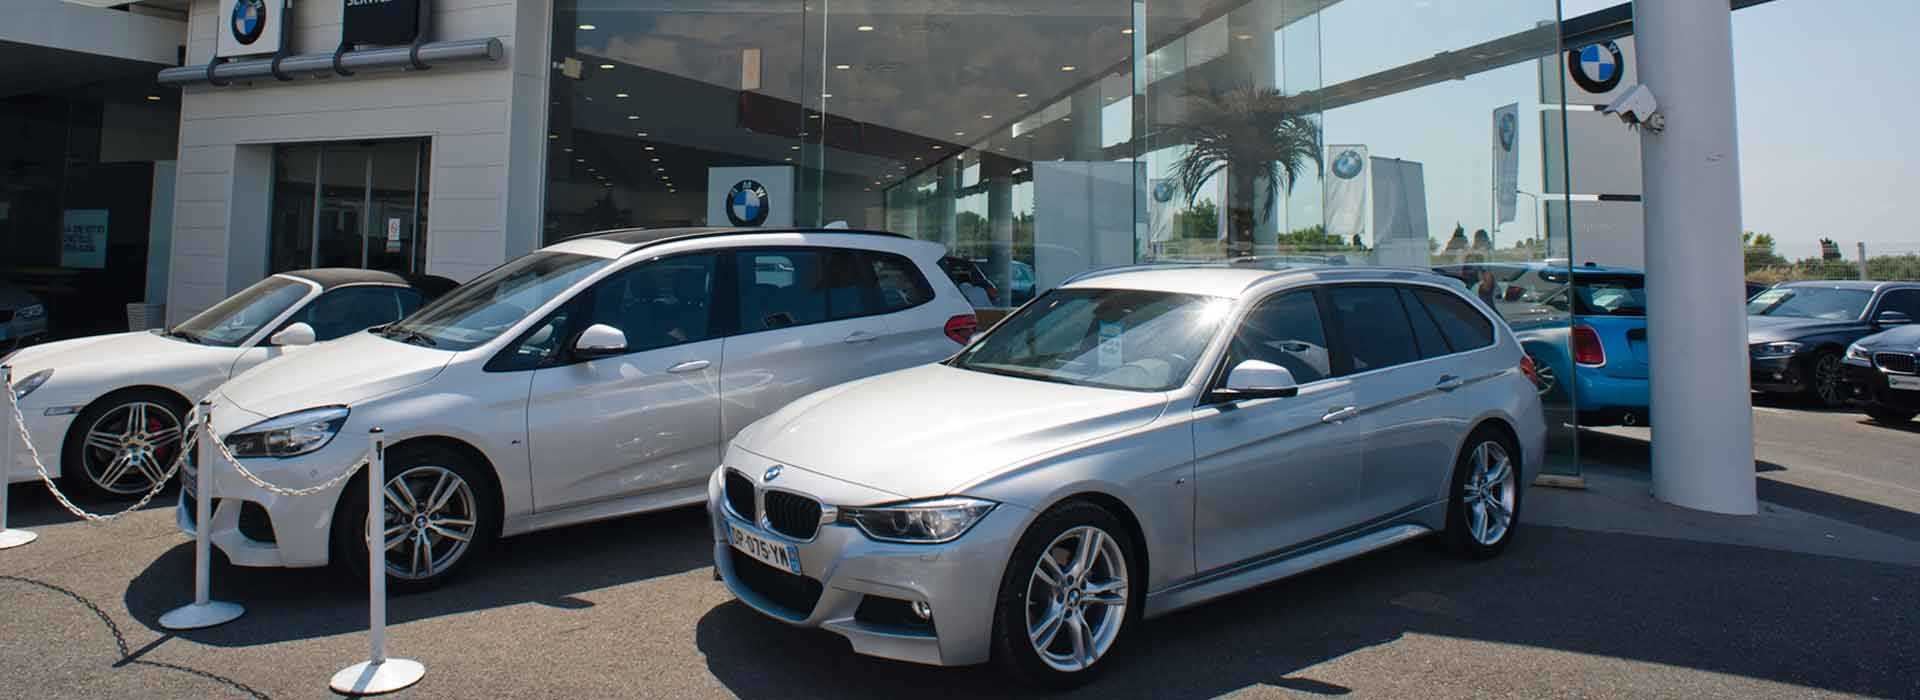 BMW Marignane